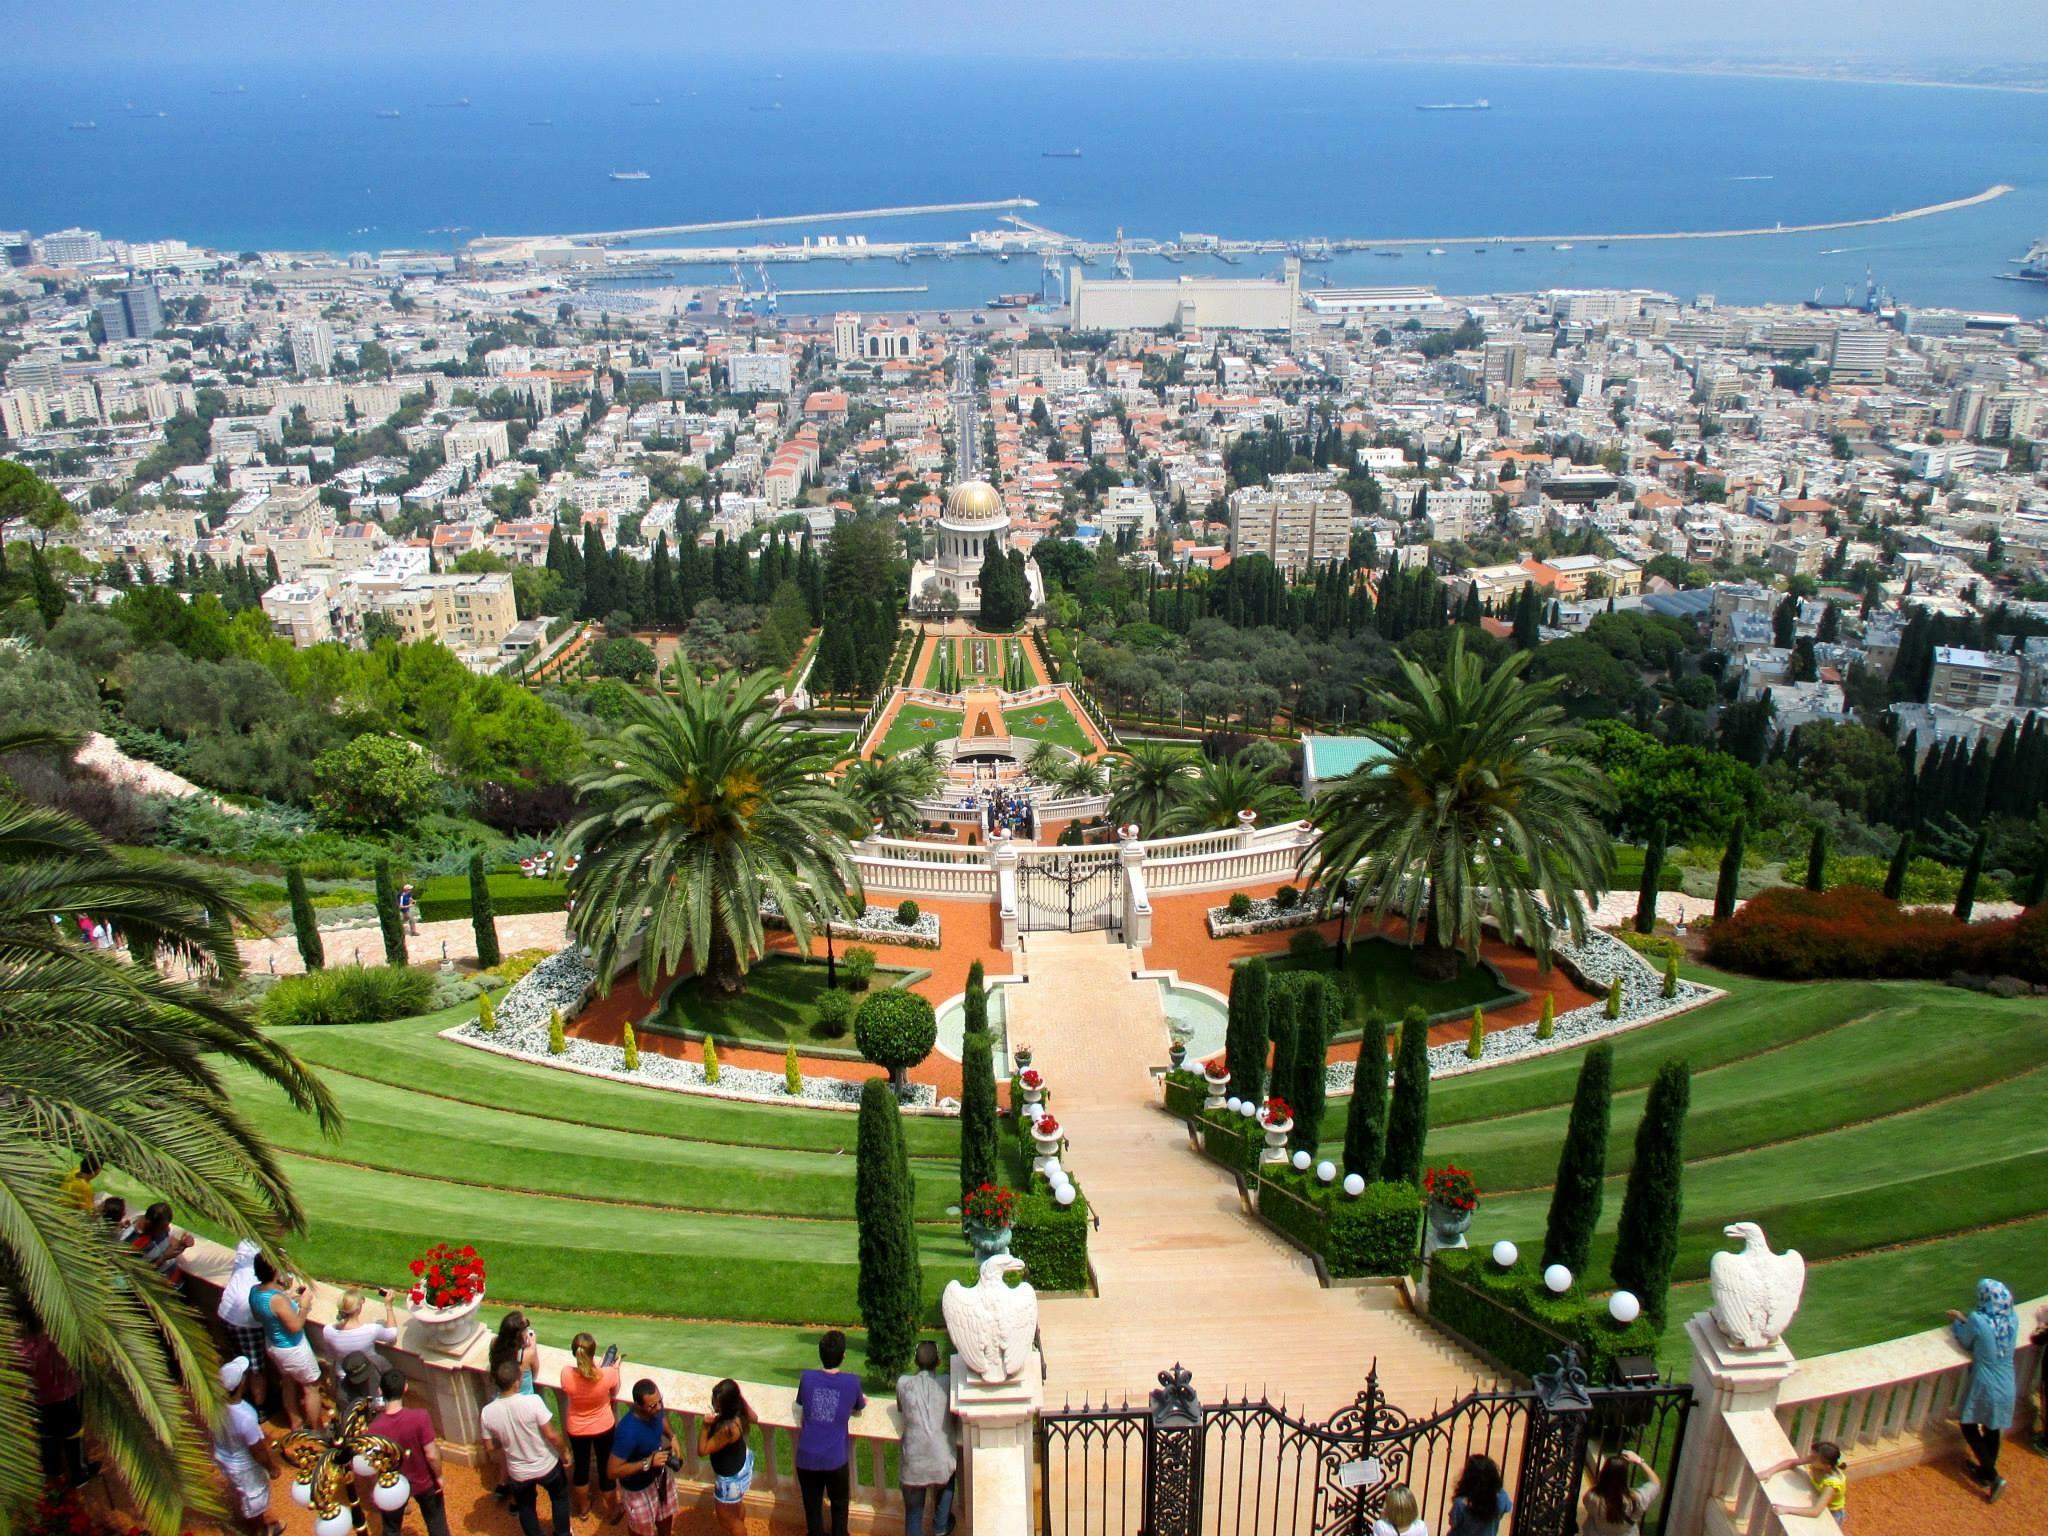 The Baha'i Garden, a top site in Haifa